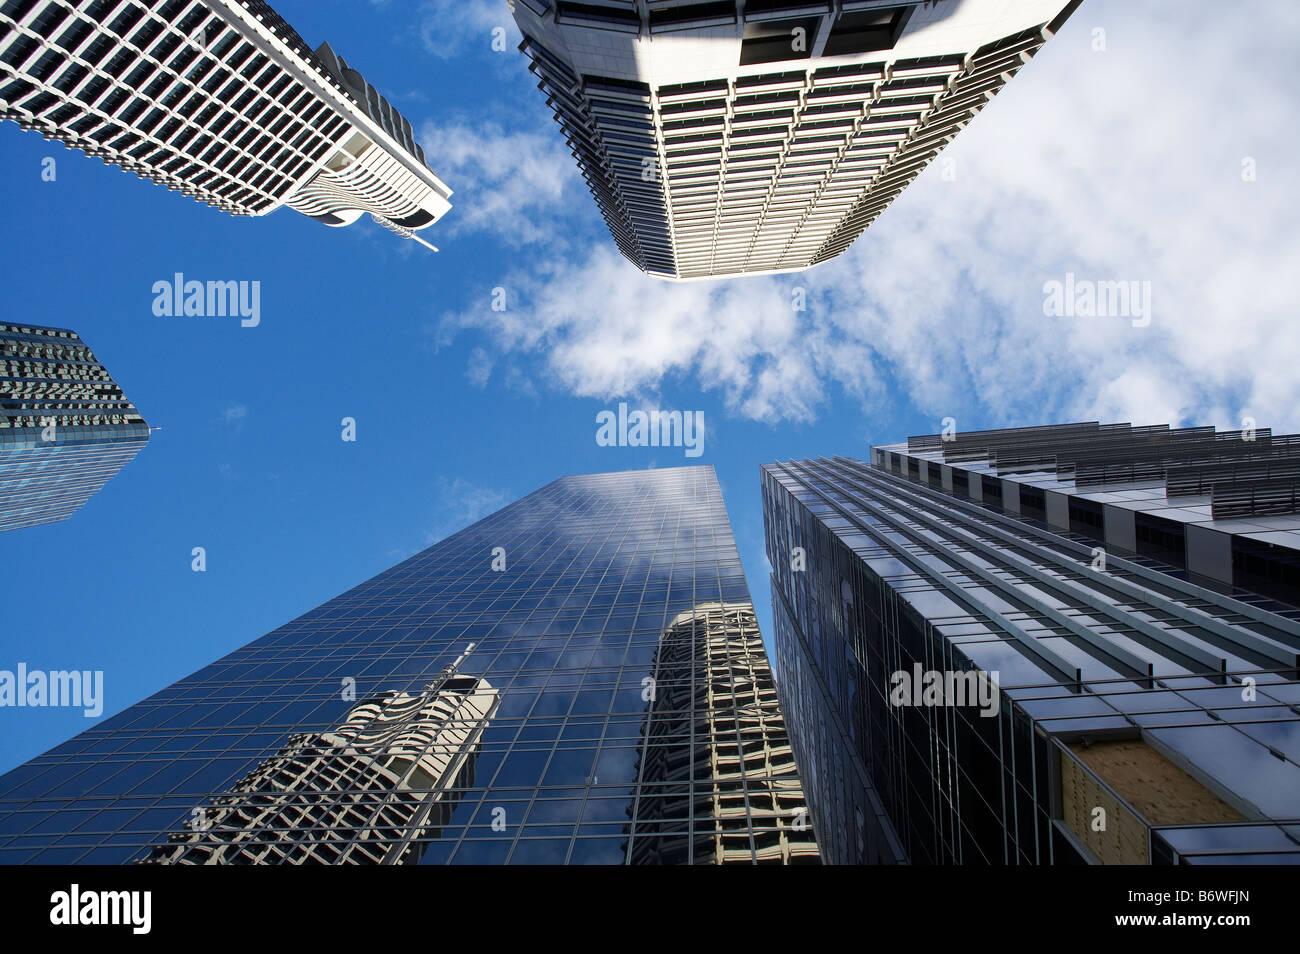 Skyscrapers Brisbane Queensland Australia - Stock Image